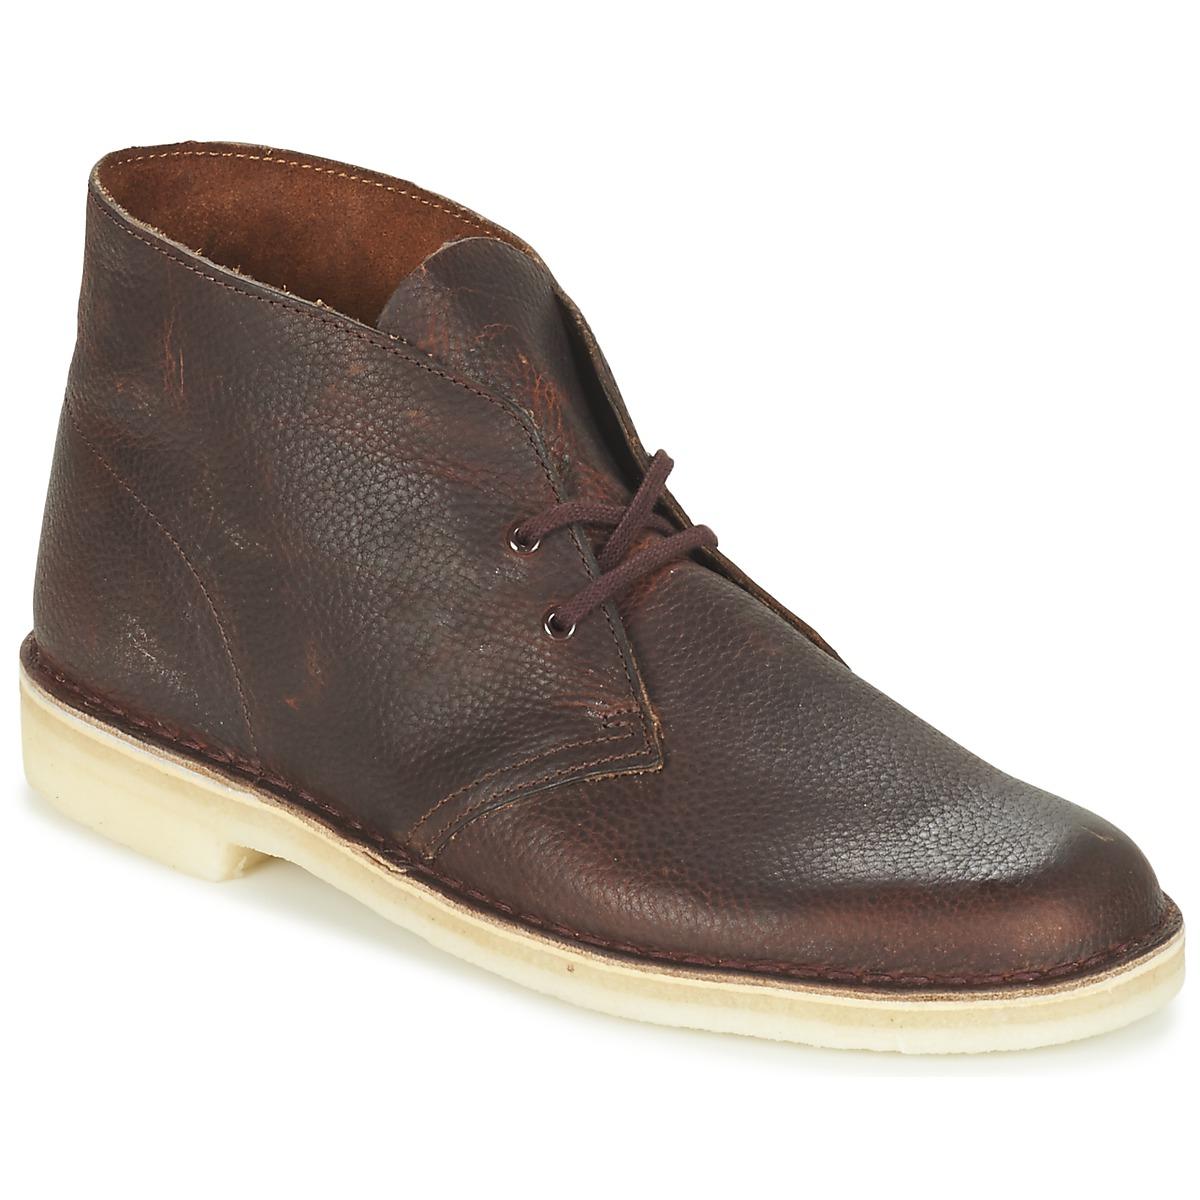 clarks desert boot marron livraison gratuite avec chaussures boots homme 90 30. Black Bedroom Furniture Sets. Home Design Ideas